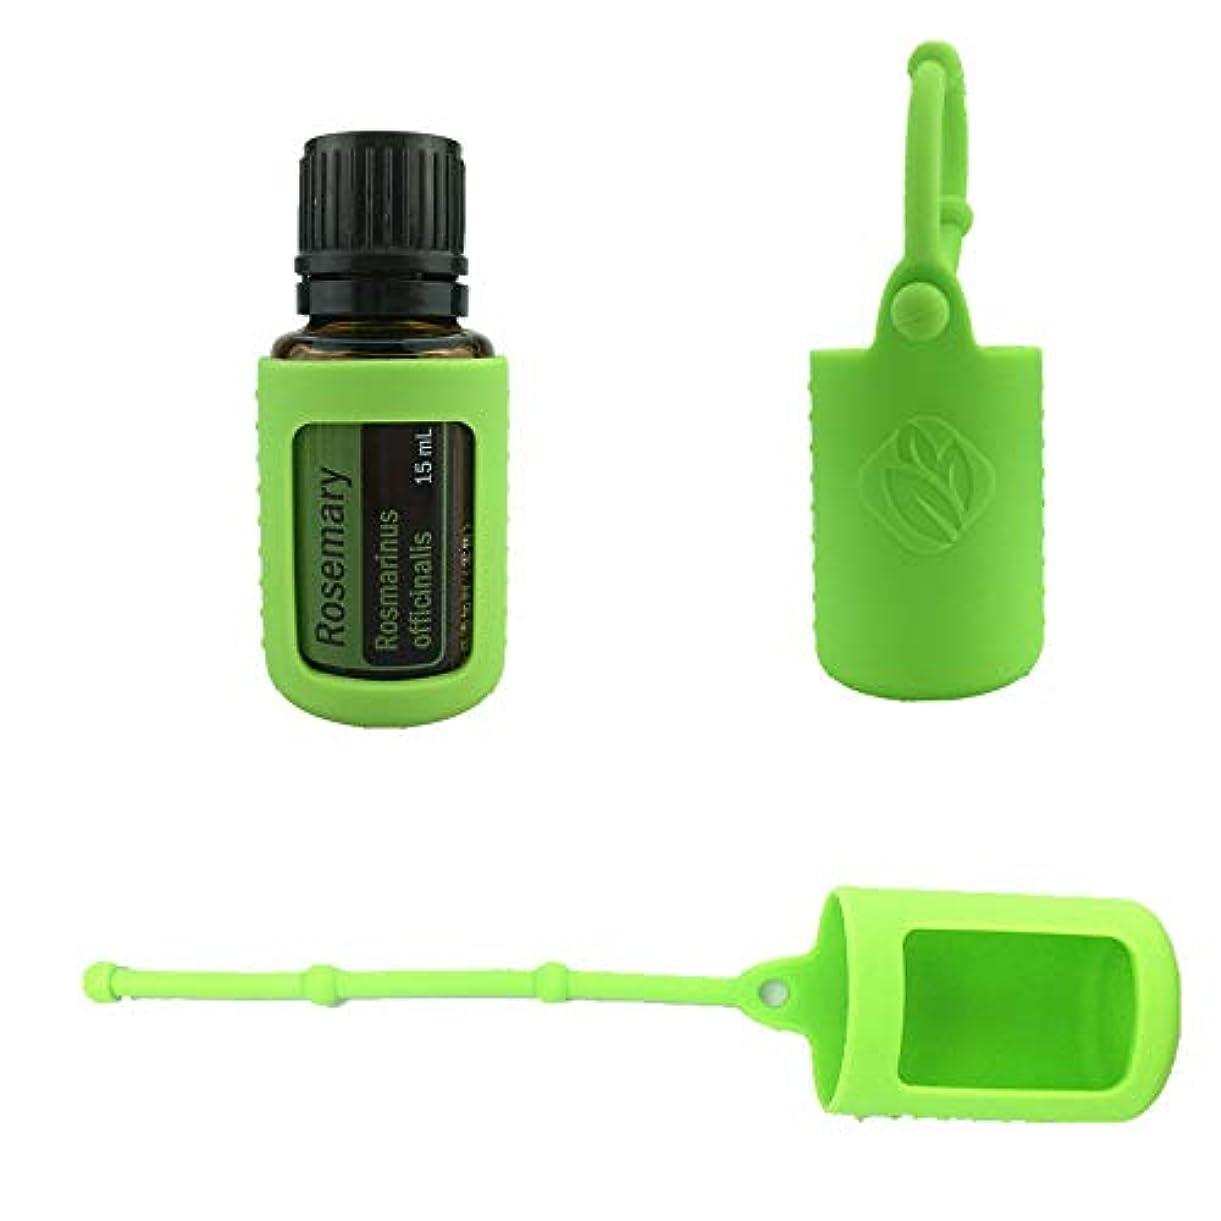 6パック熱望オイルボトルシリコンローラーボトルホルダースリーブエッセンシャルオイルボトル保護カバーケースハングロープ - グリーン - 6-pcs 10ml